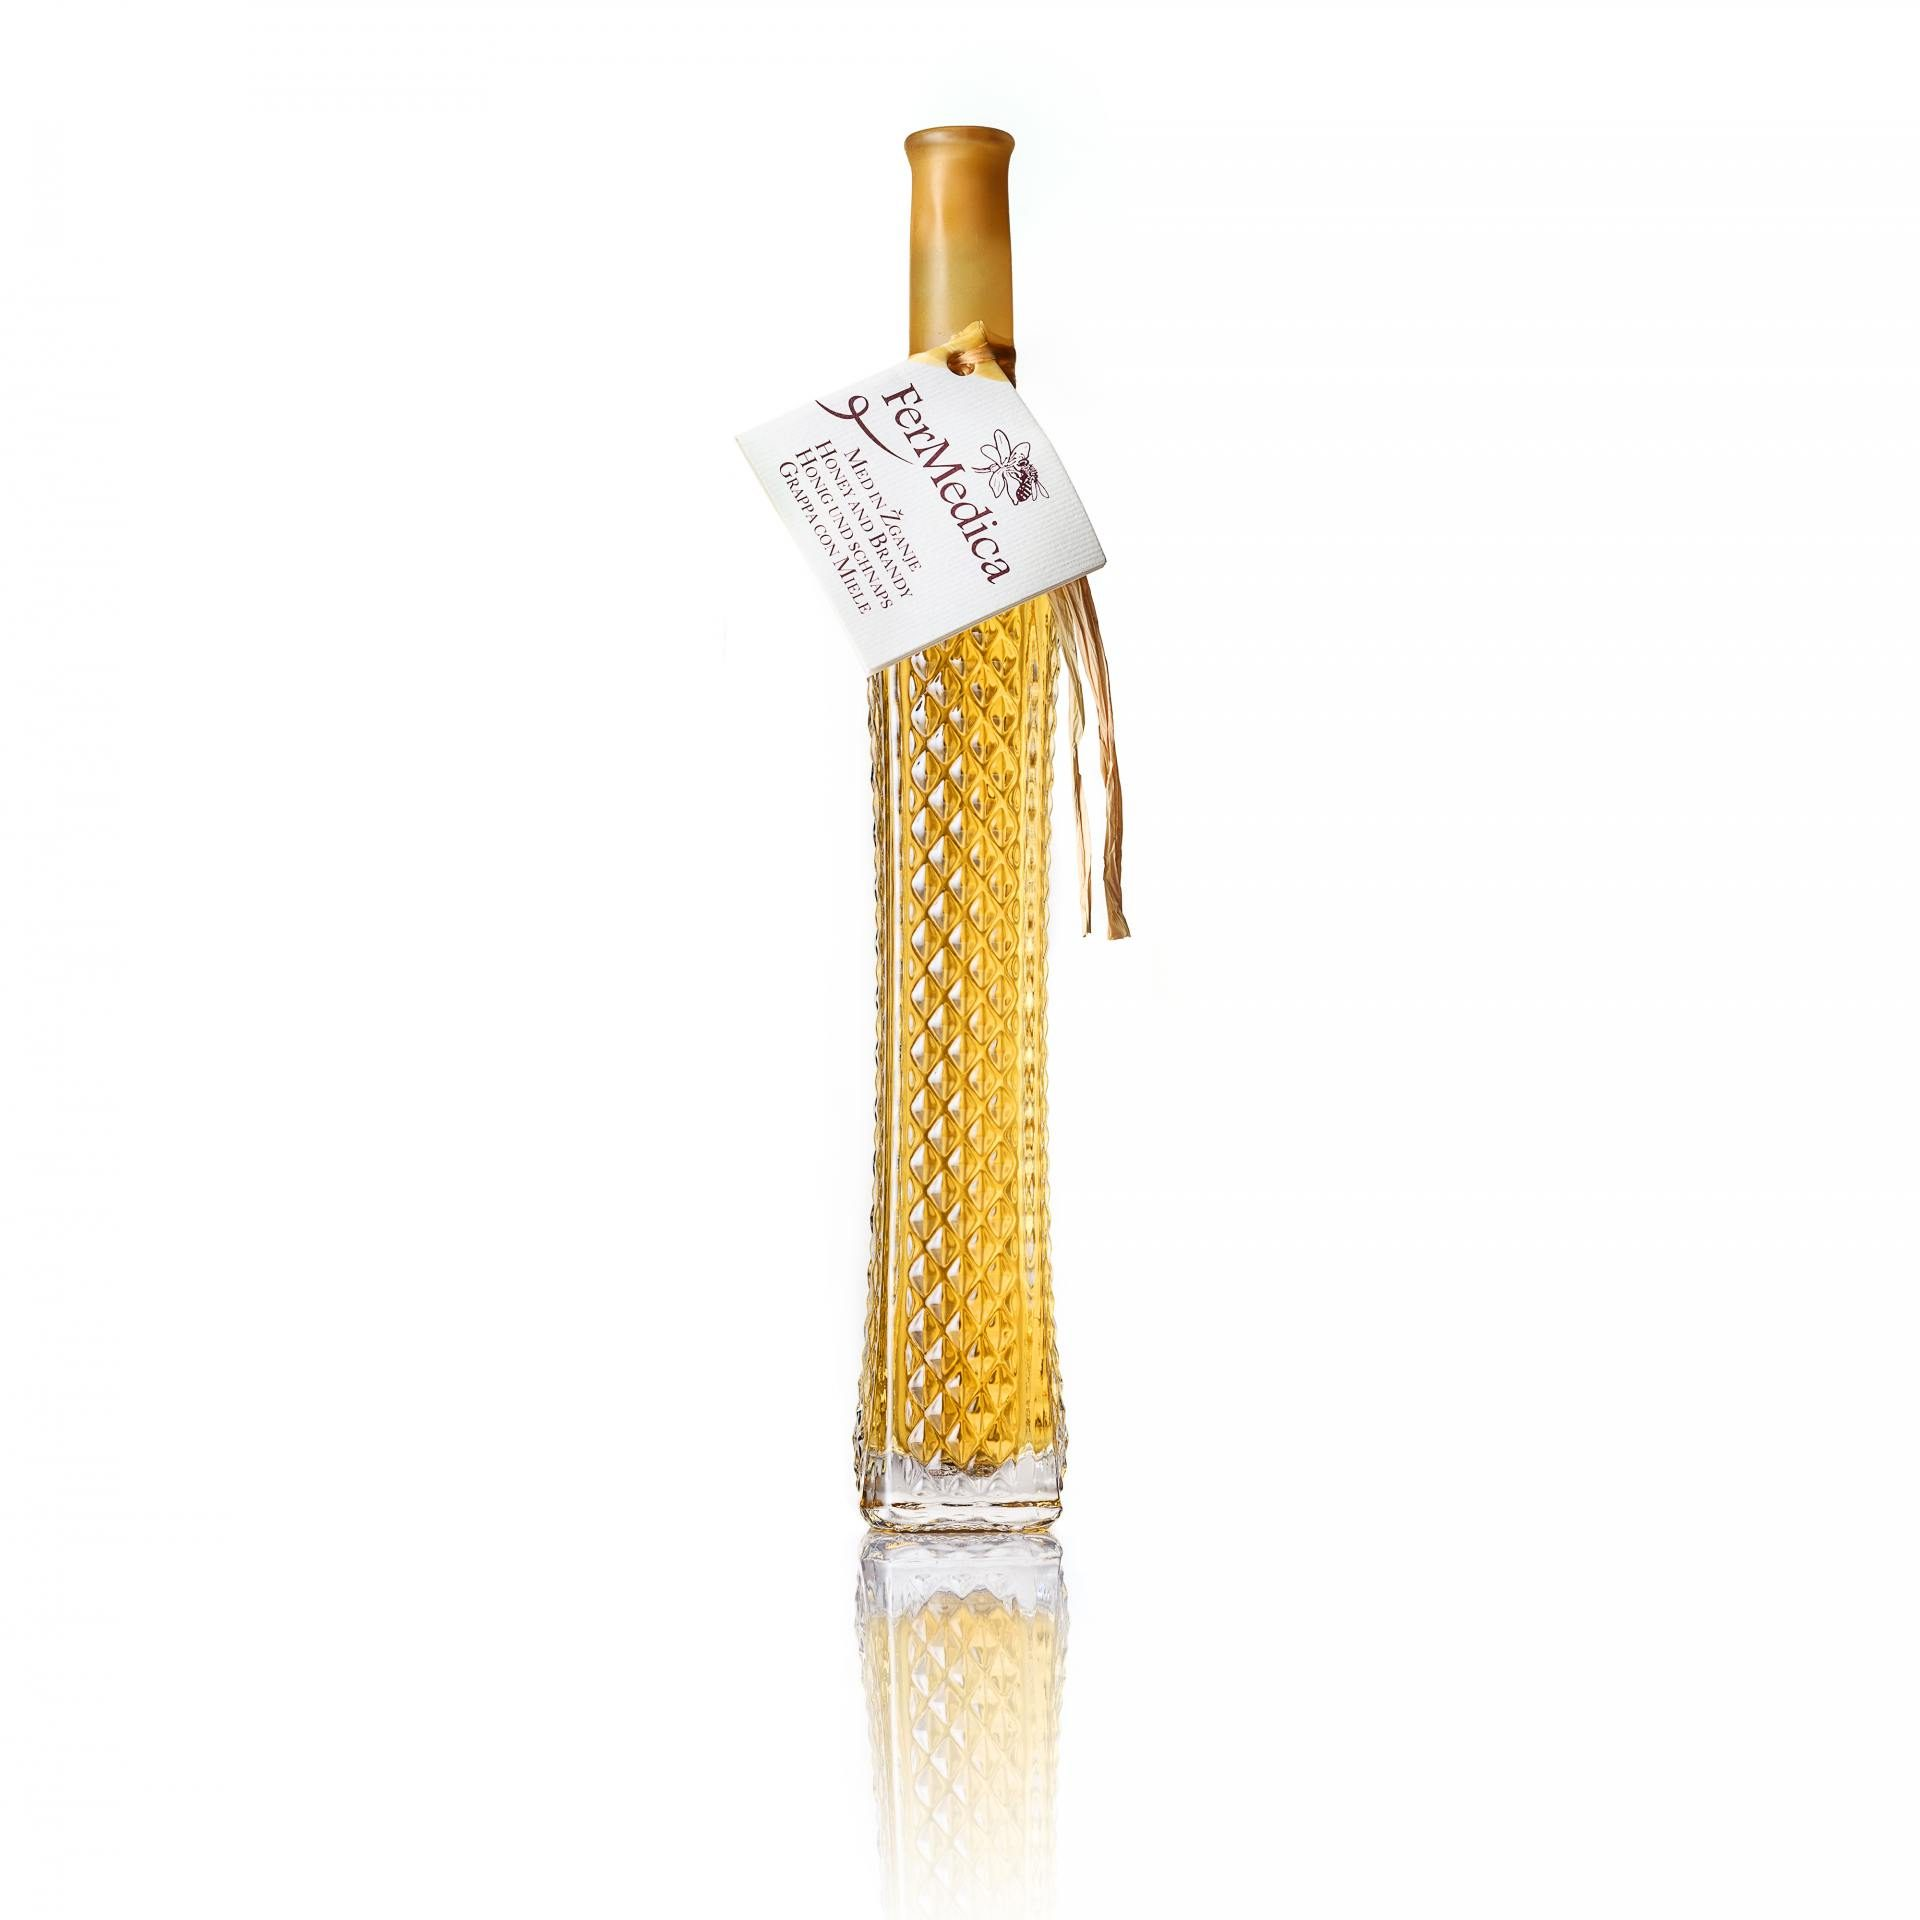 Med in žganje, med z dodatki, darilni seti v lični embalaži fermedica 7